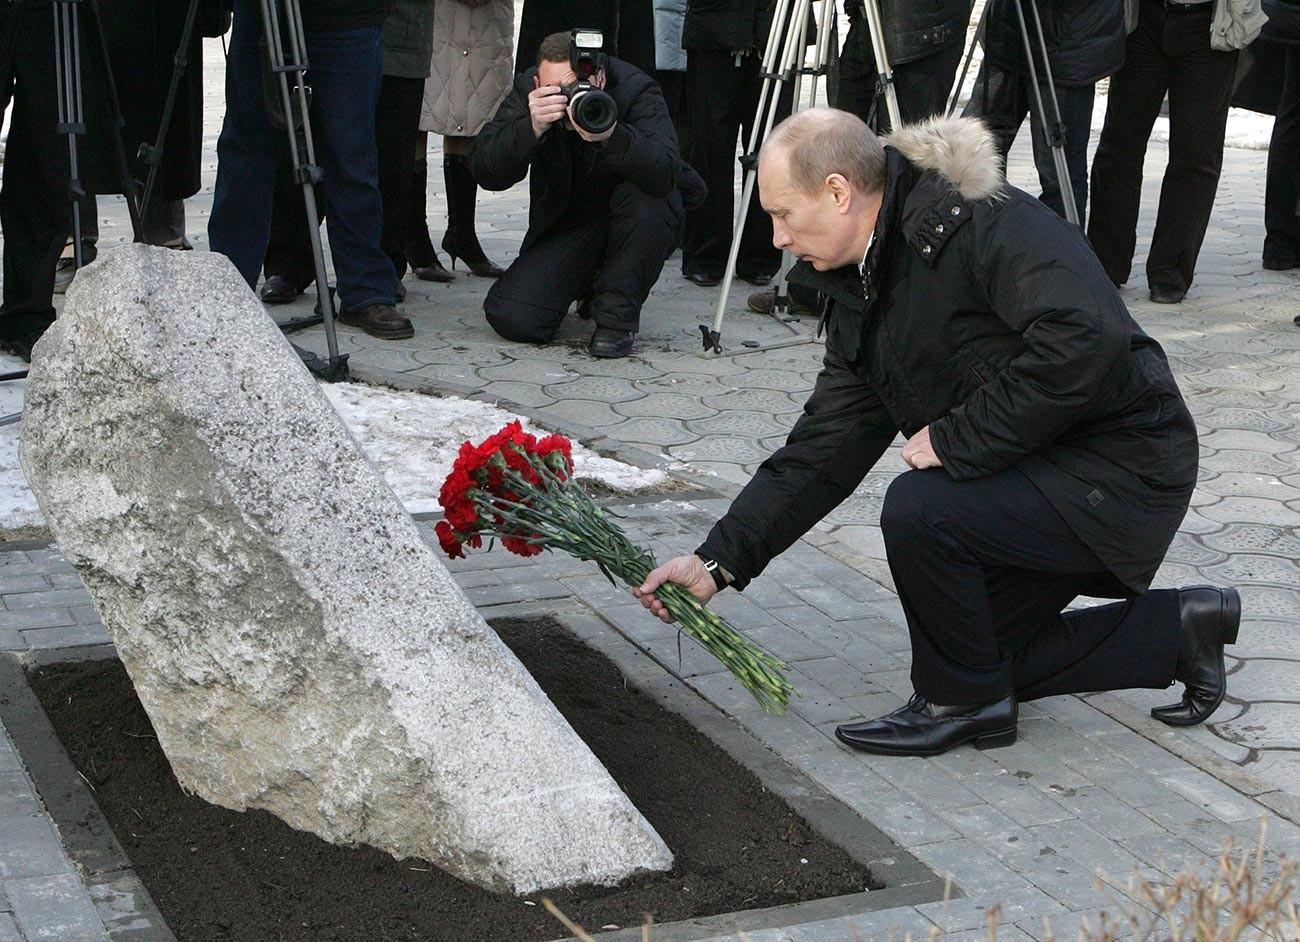 Претседателот на Русија Владимир Путин положува цвеќе пред спомен-каменот на жртвите на настаните од 1962 година во престолнината на козаштвото. Новочеркаск, 1 февруари.